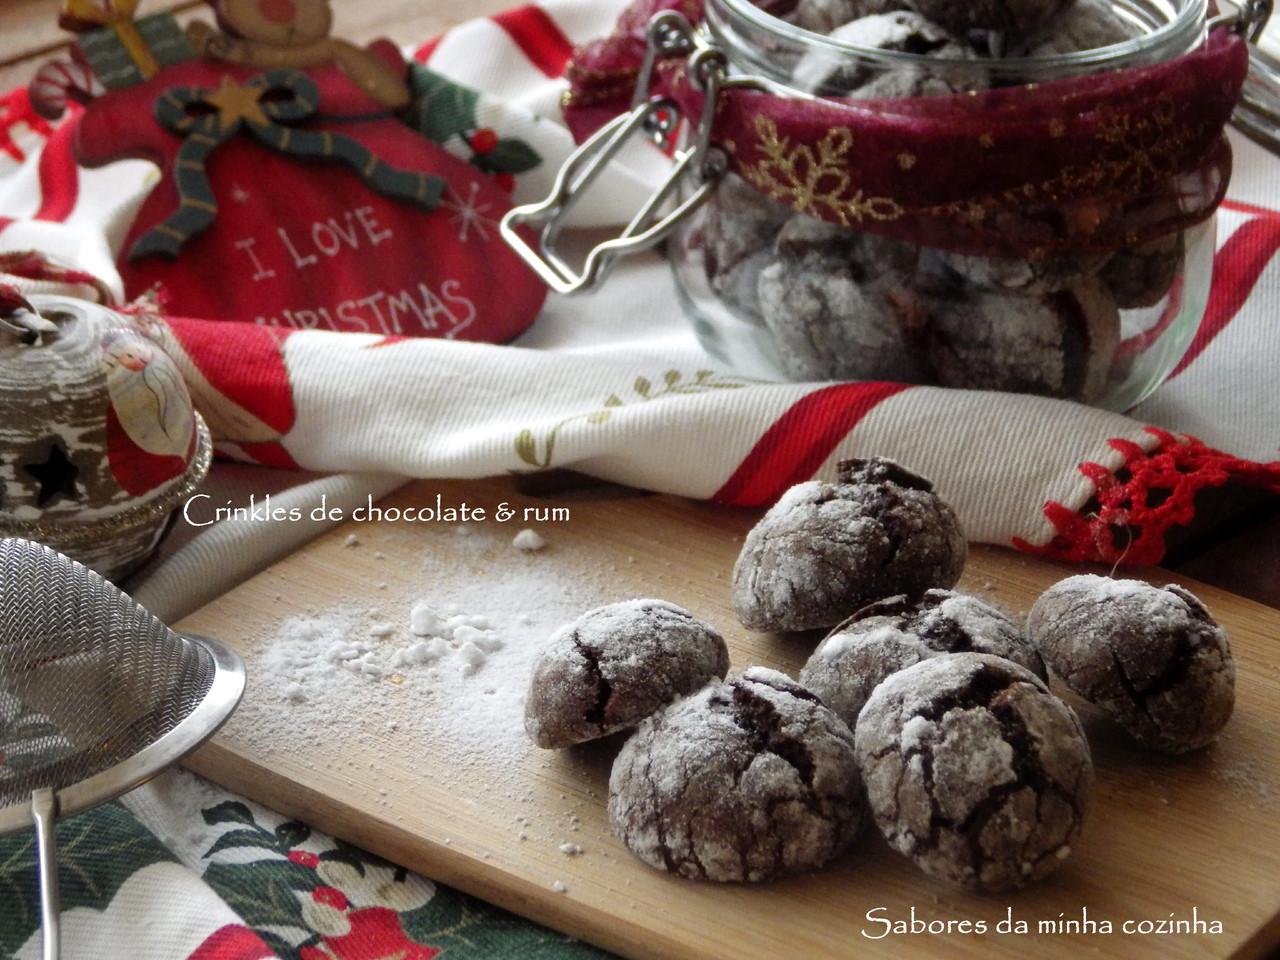 IMGP5425-Crinkles de chocolate & rum-Blog.JPG